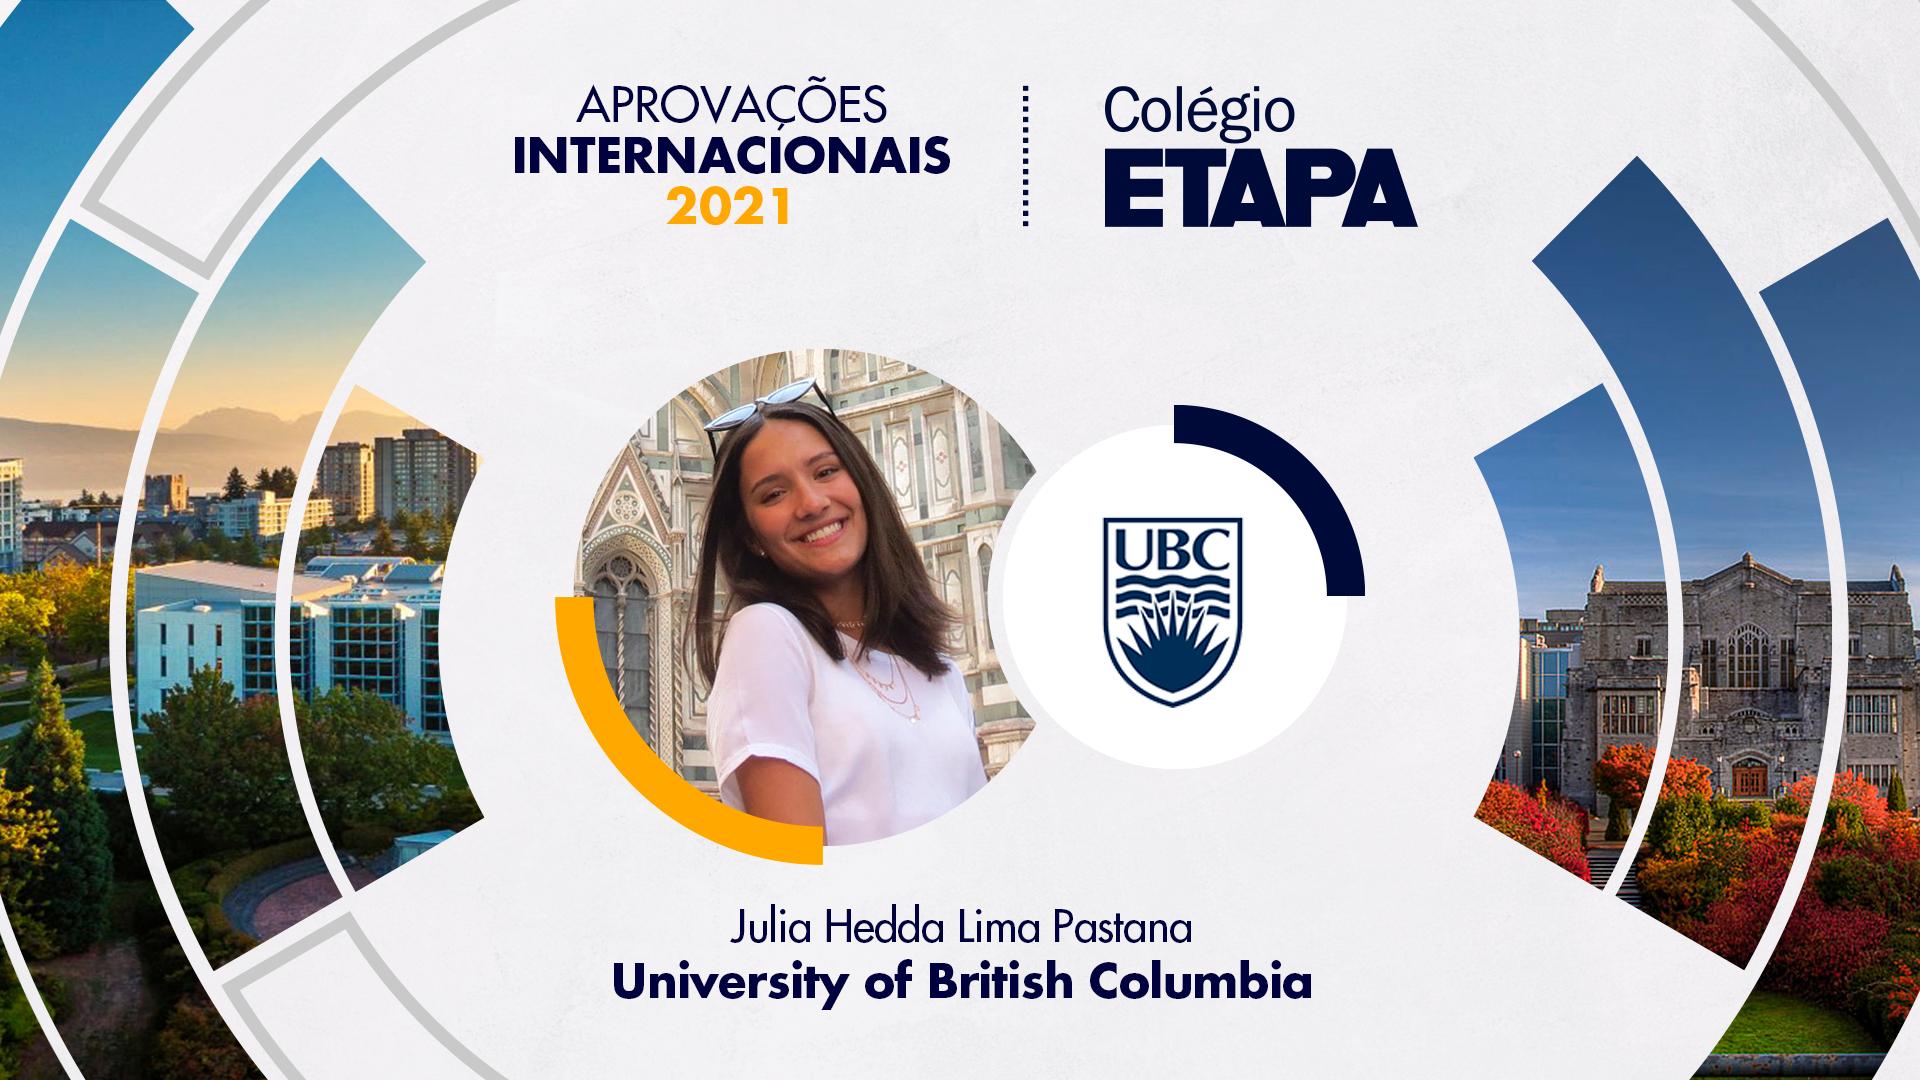 Aprovações Internacionais 2021: Julia Hedda Lima Pastana